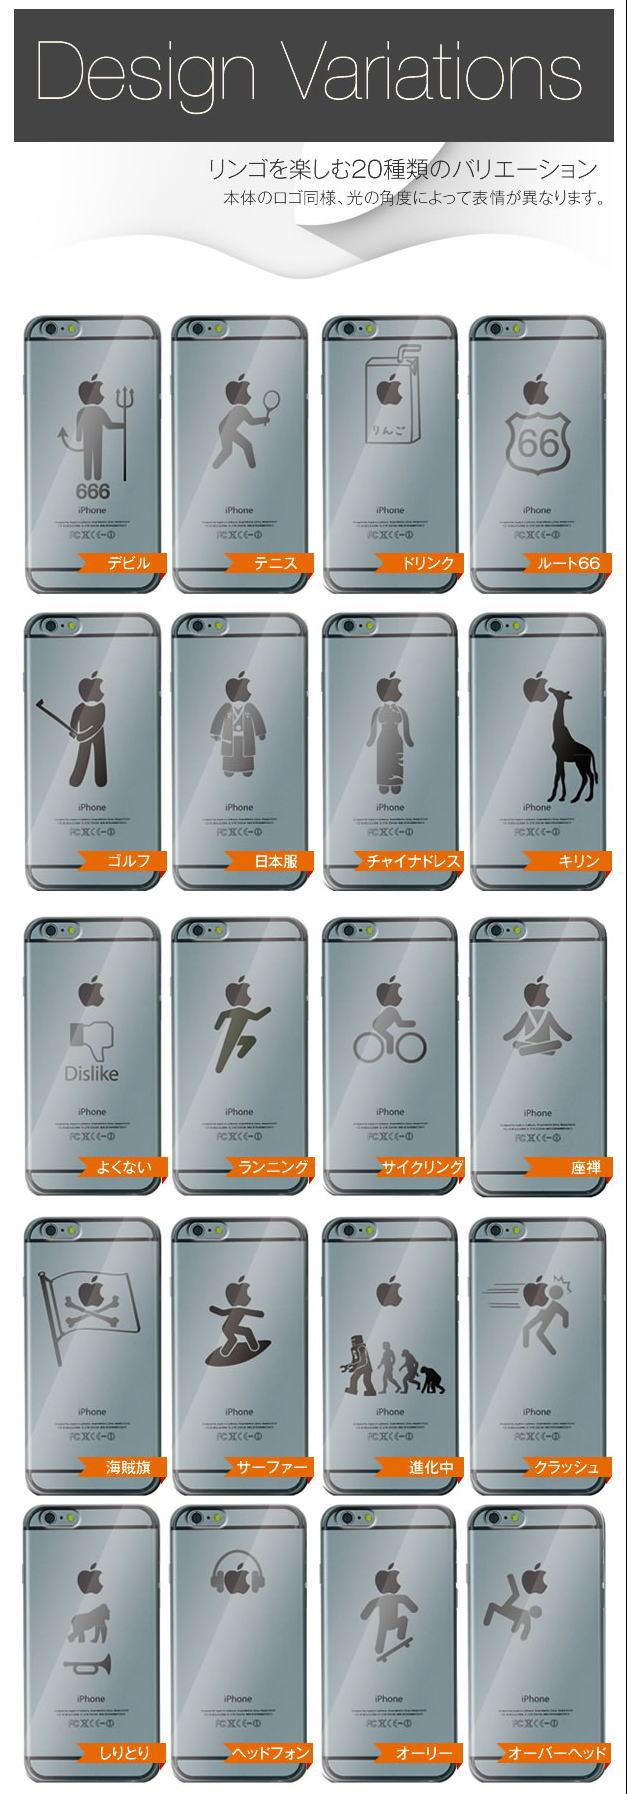 iPhone6 plus クリアケース iPhone5S iPhone5 iPhone4 apple スマートフォン アップルプラス itattoo 風